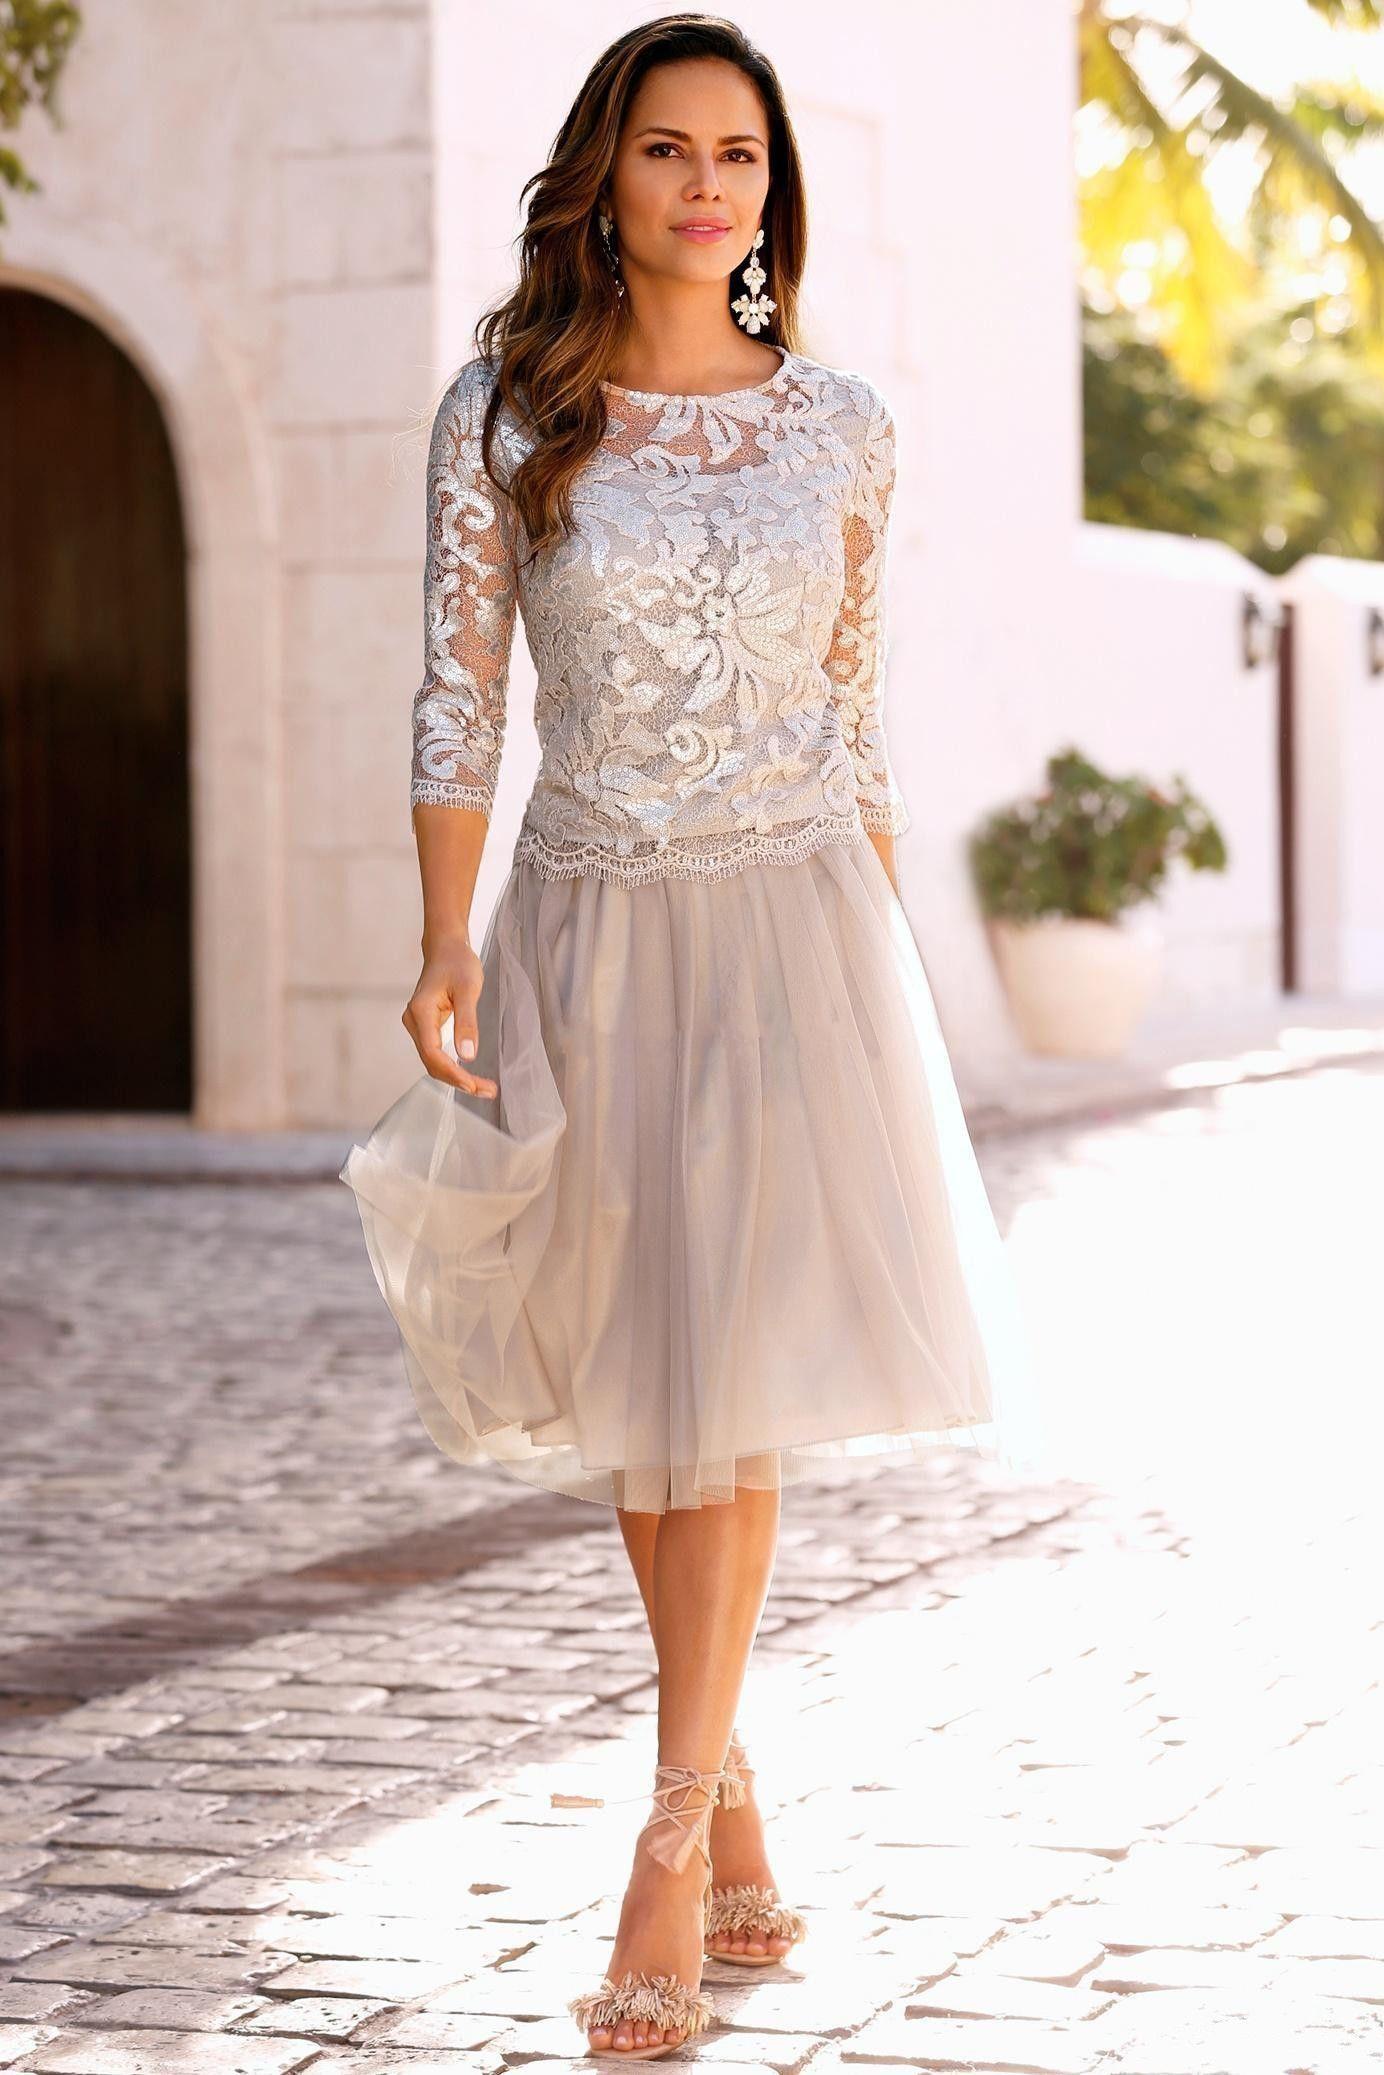 2019 Elegante Boho Madre de la novia Vestidos Encaje Tul Longitud de la rodilla 3/4 Manga larga Vestido de huésped de la boda Vestidos cortos